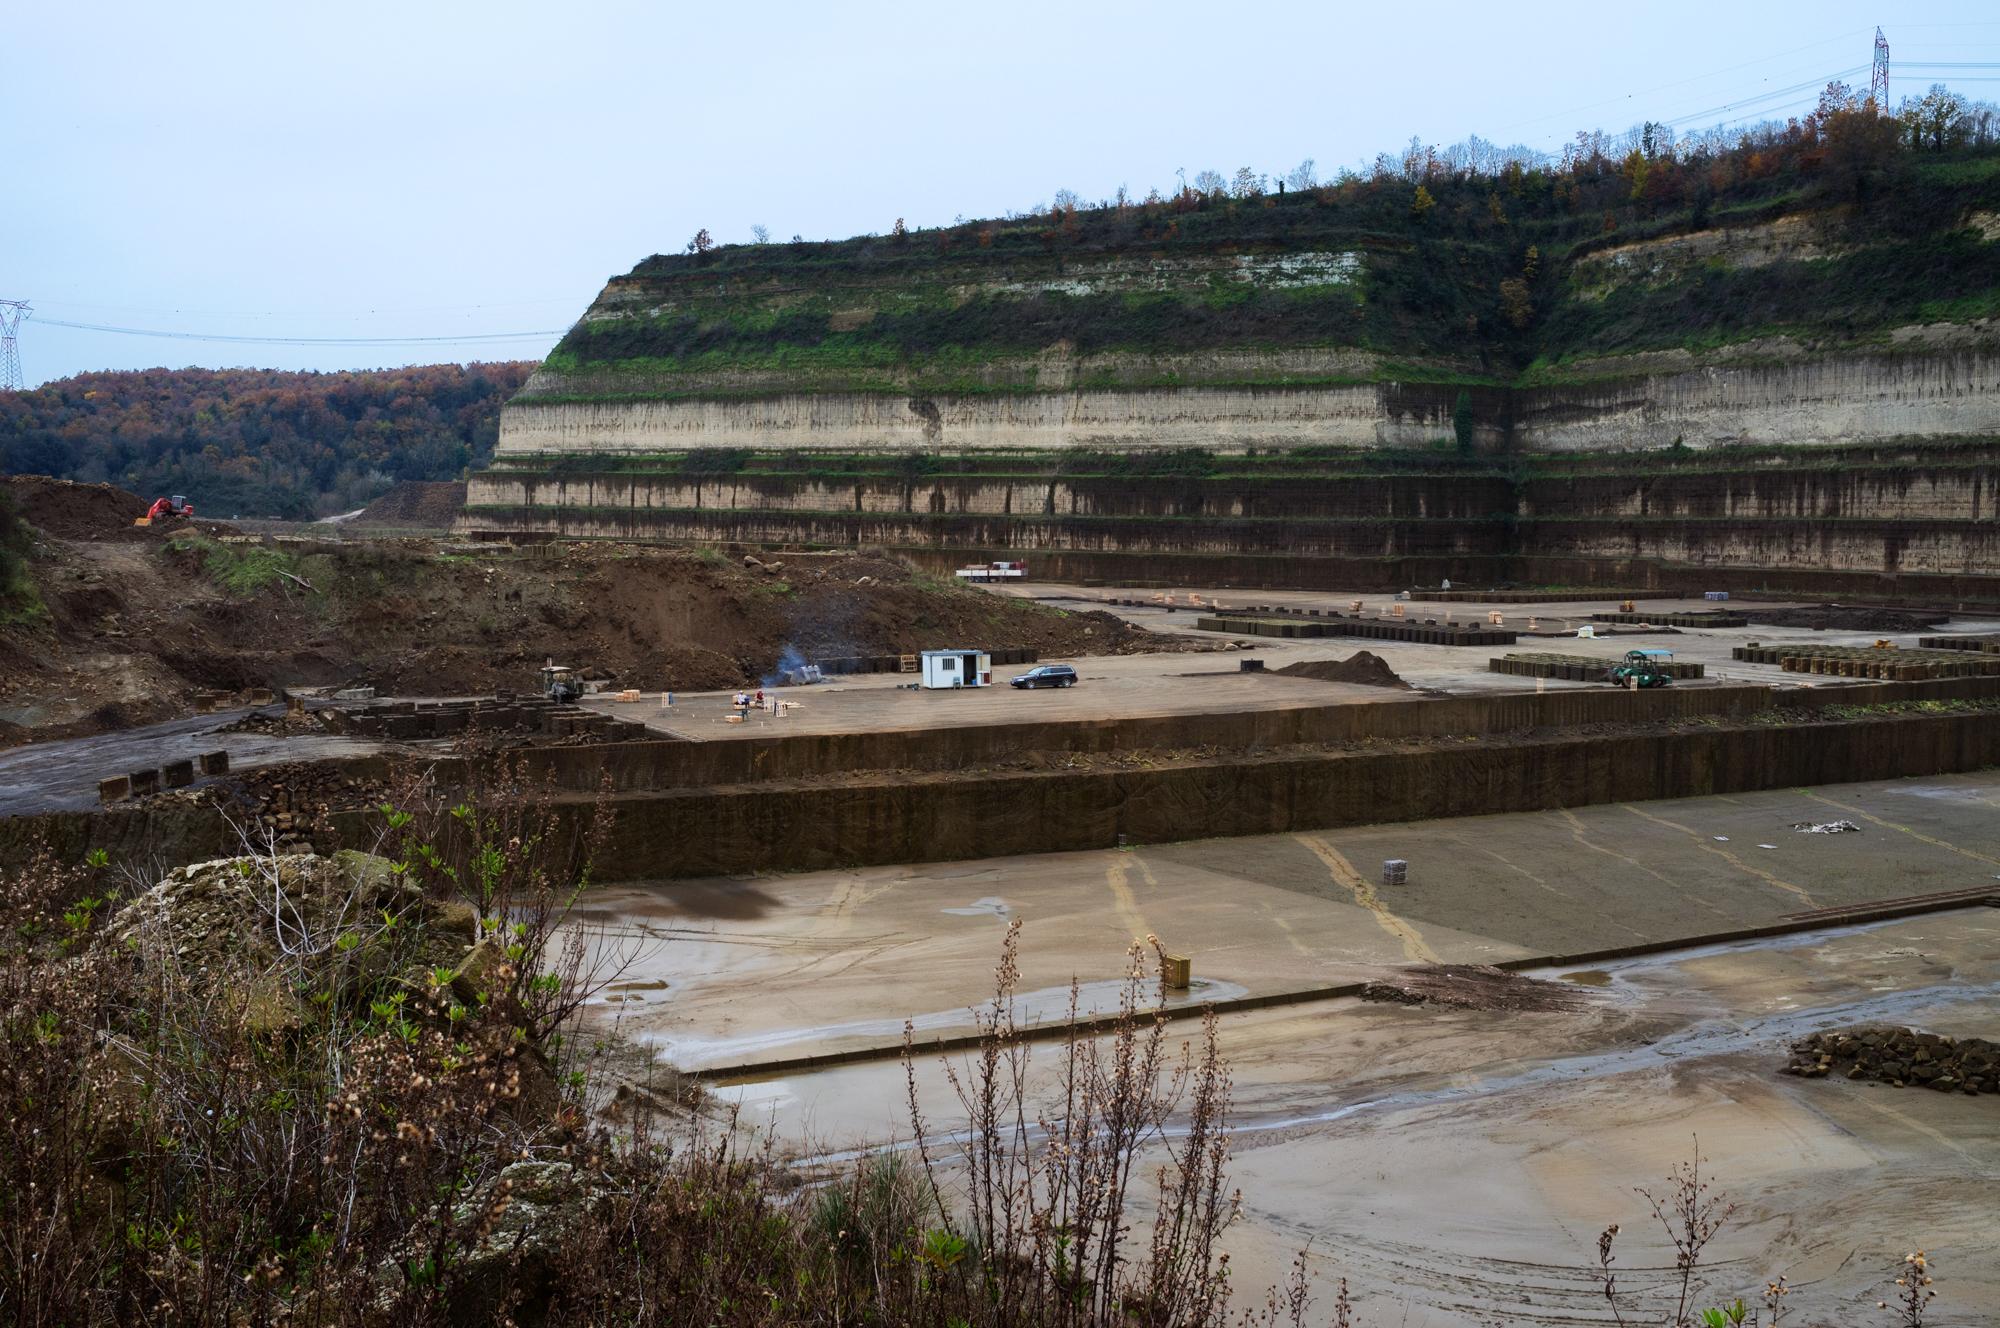 Ex cava di tufo che avrebbe dovuto sostituire la discarica di Malagrotta. Sotto, a circa 3 metri, c'è la falda acquifera.